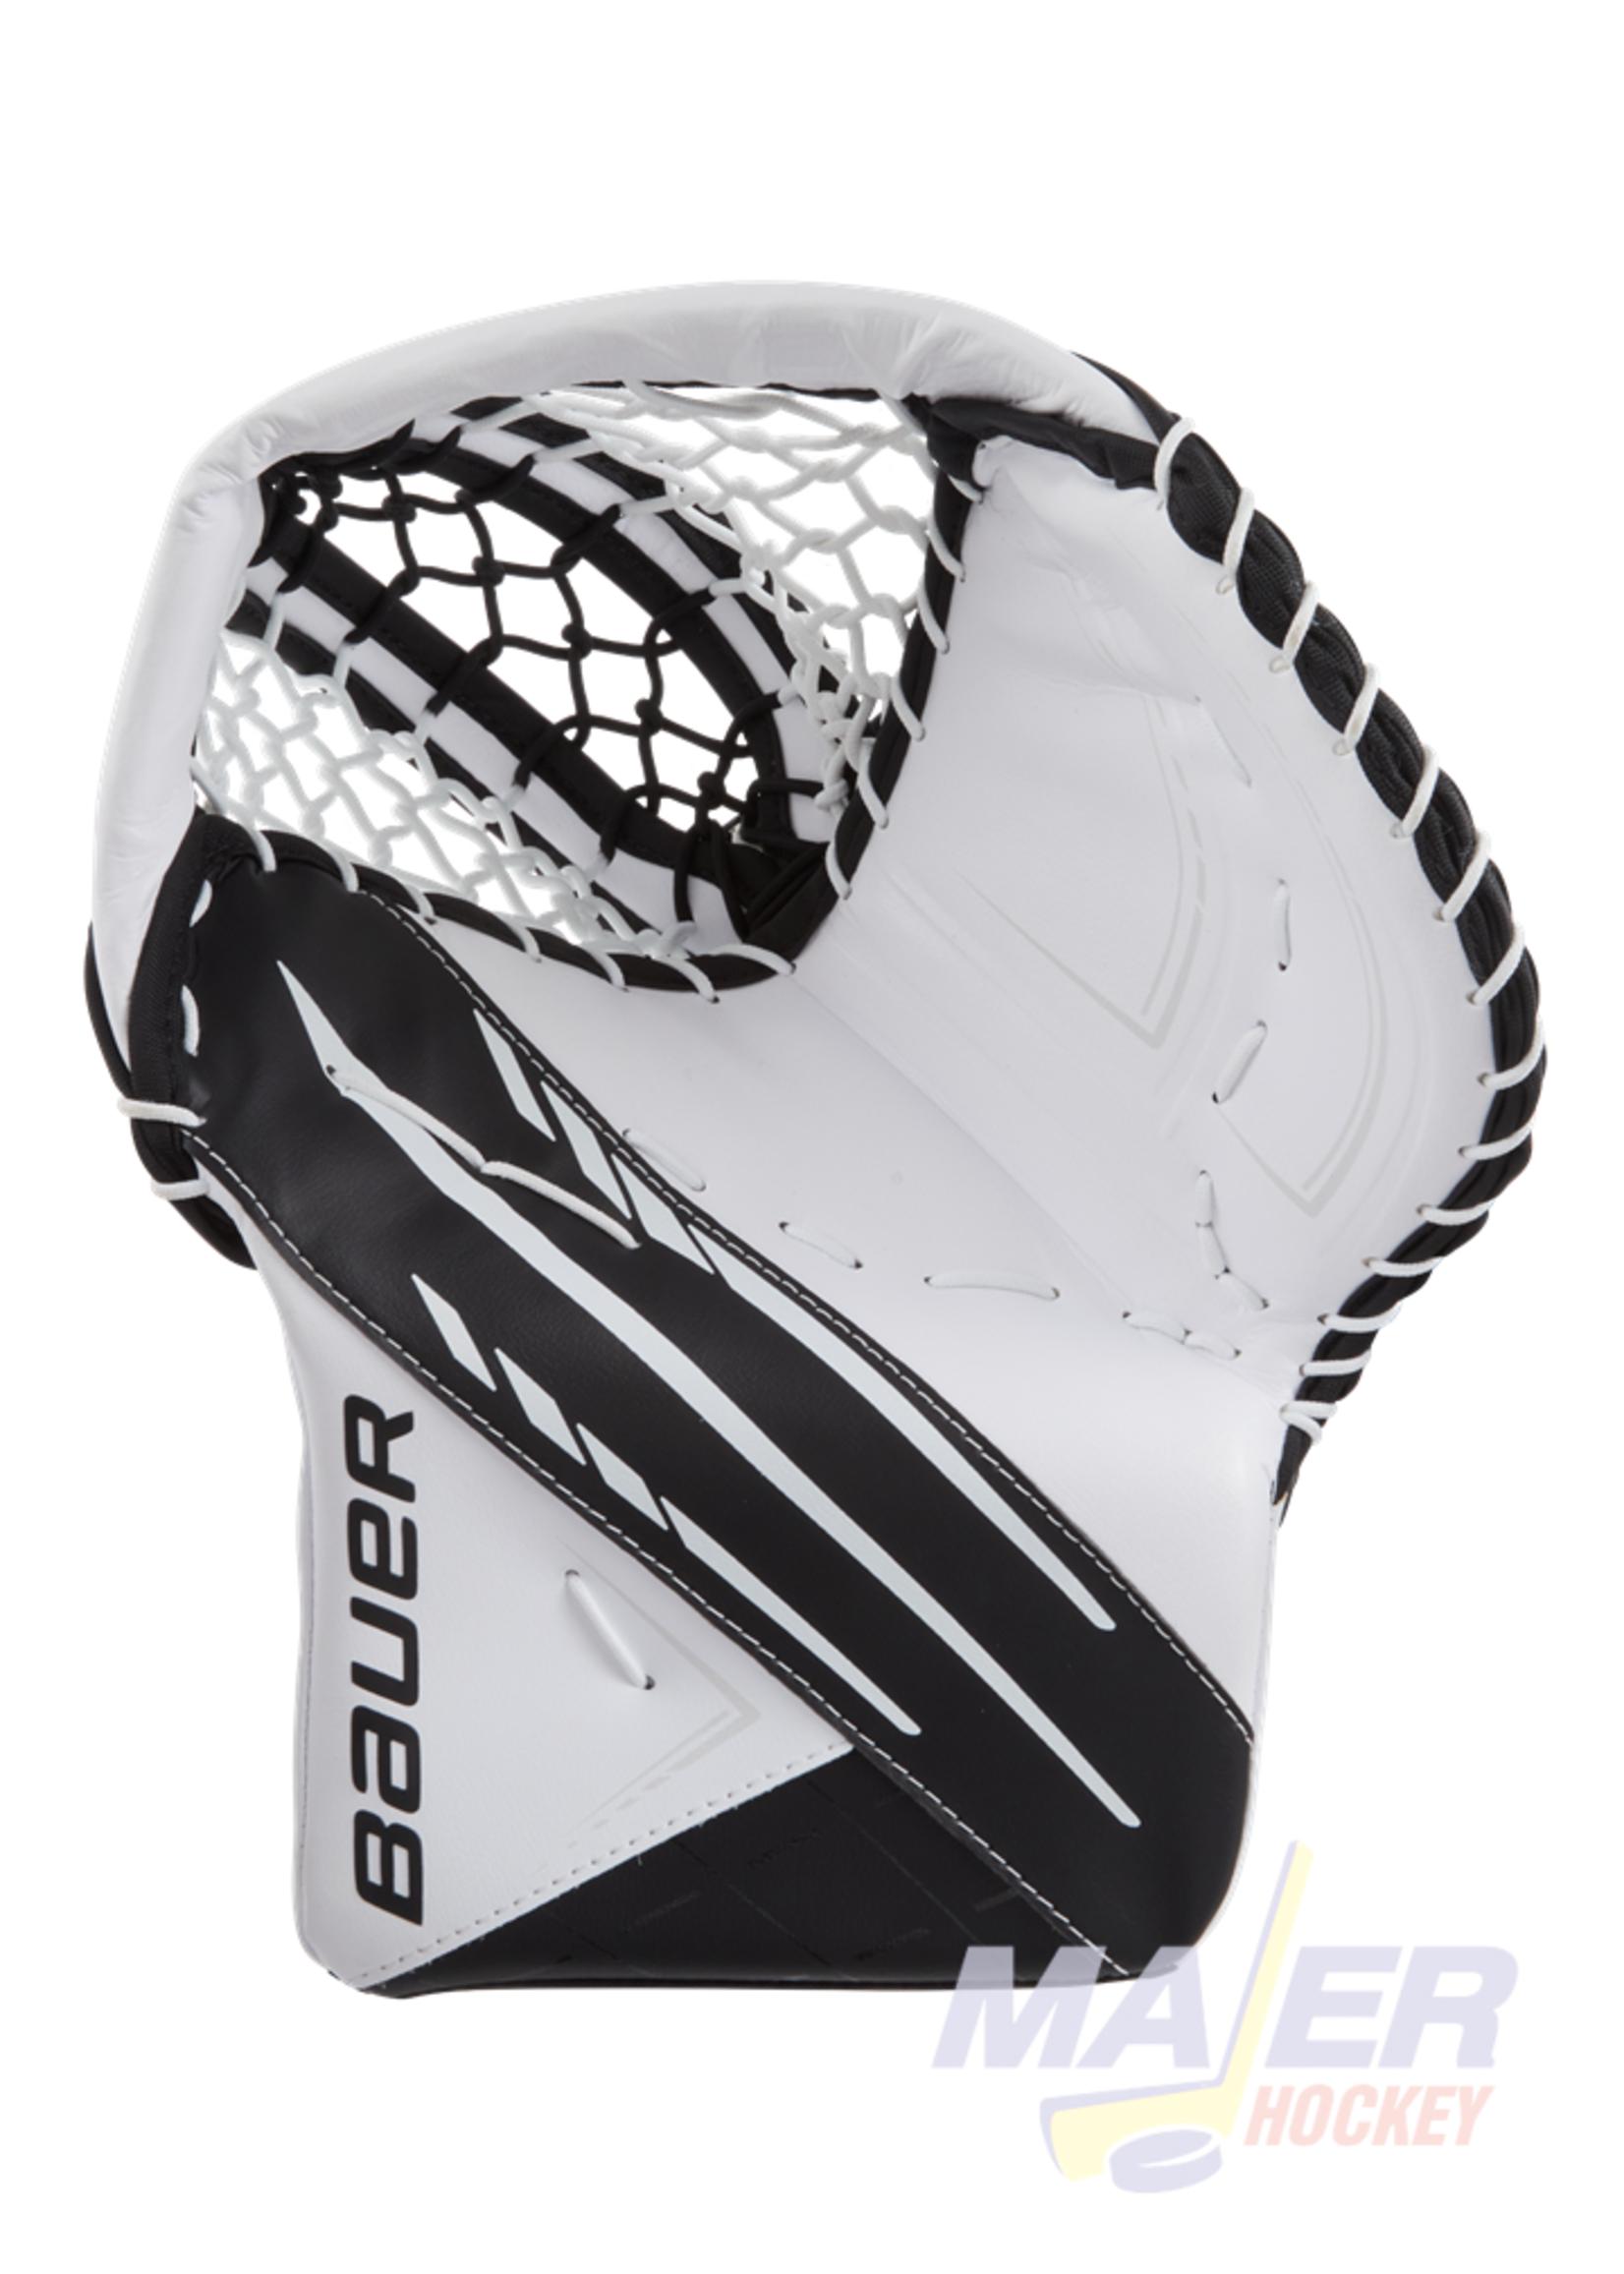 Bauer Vapor 3X Int Goalie Glove